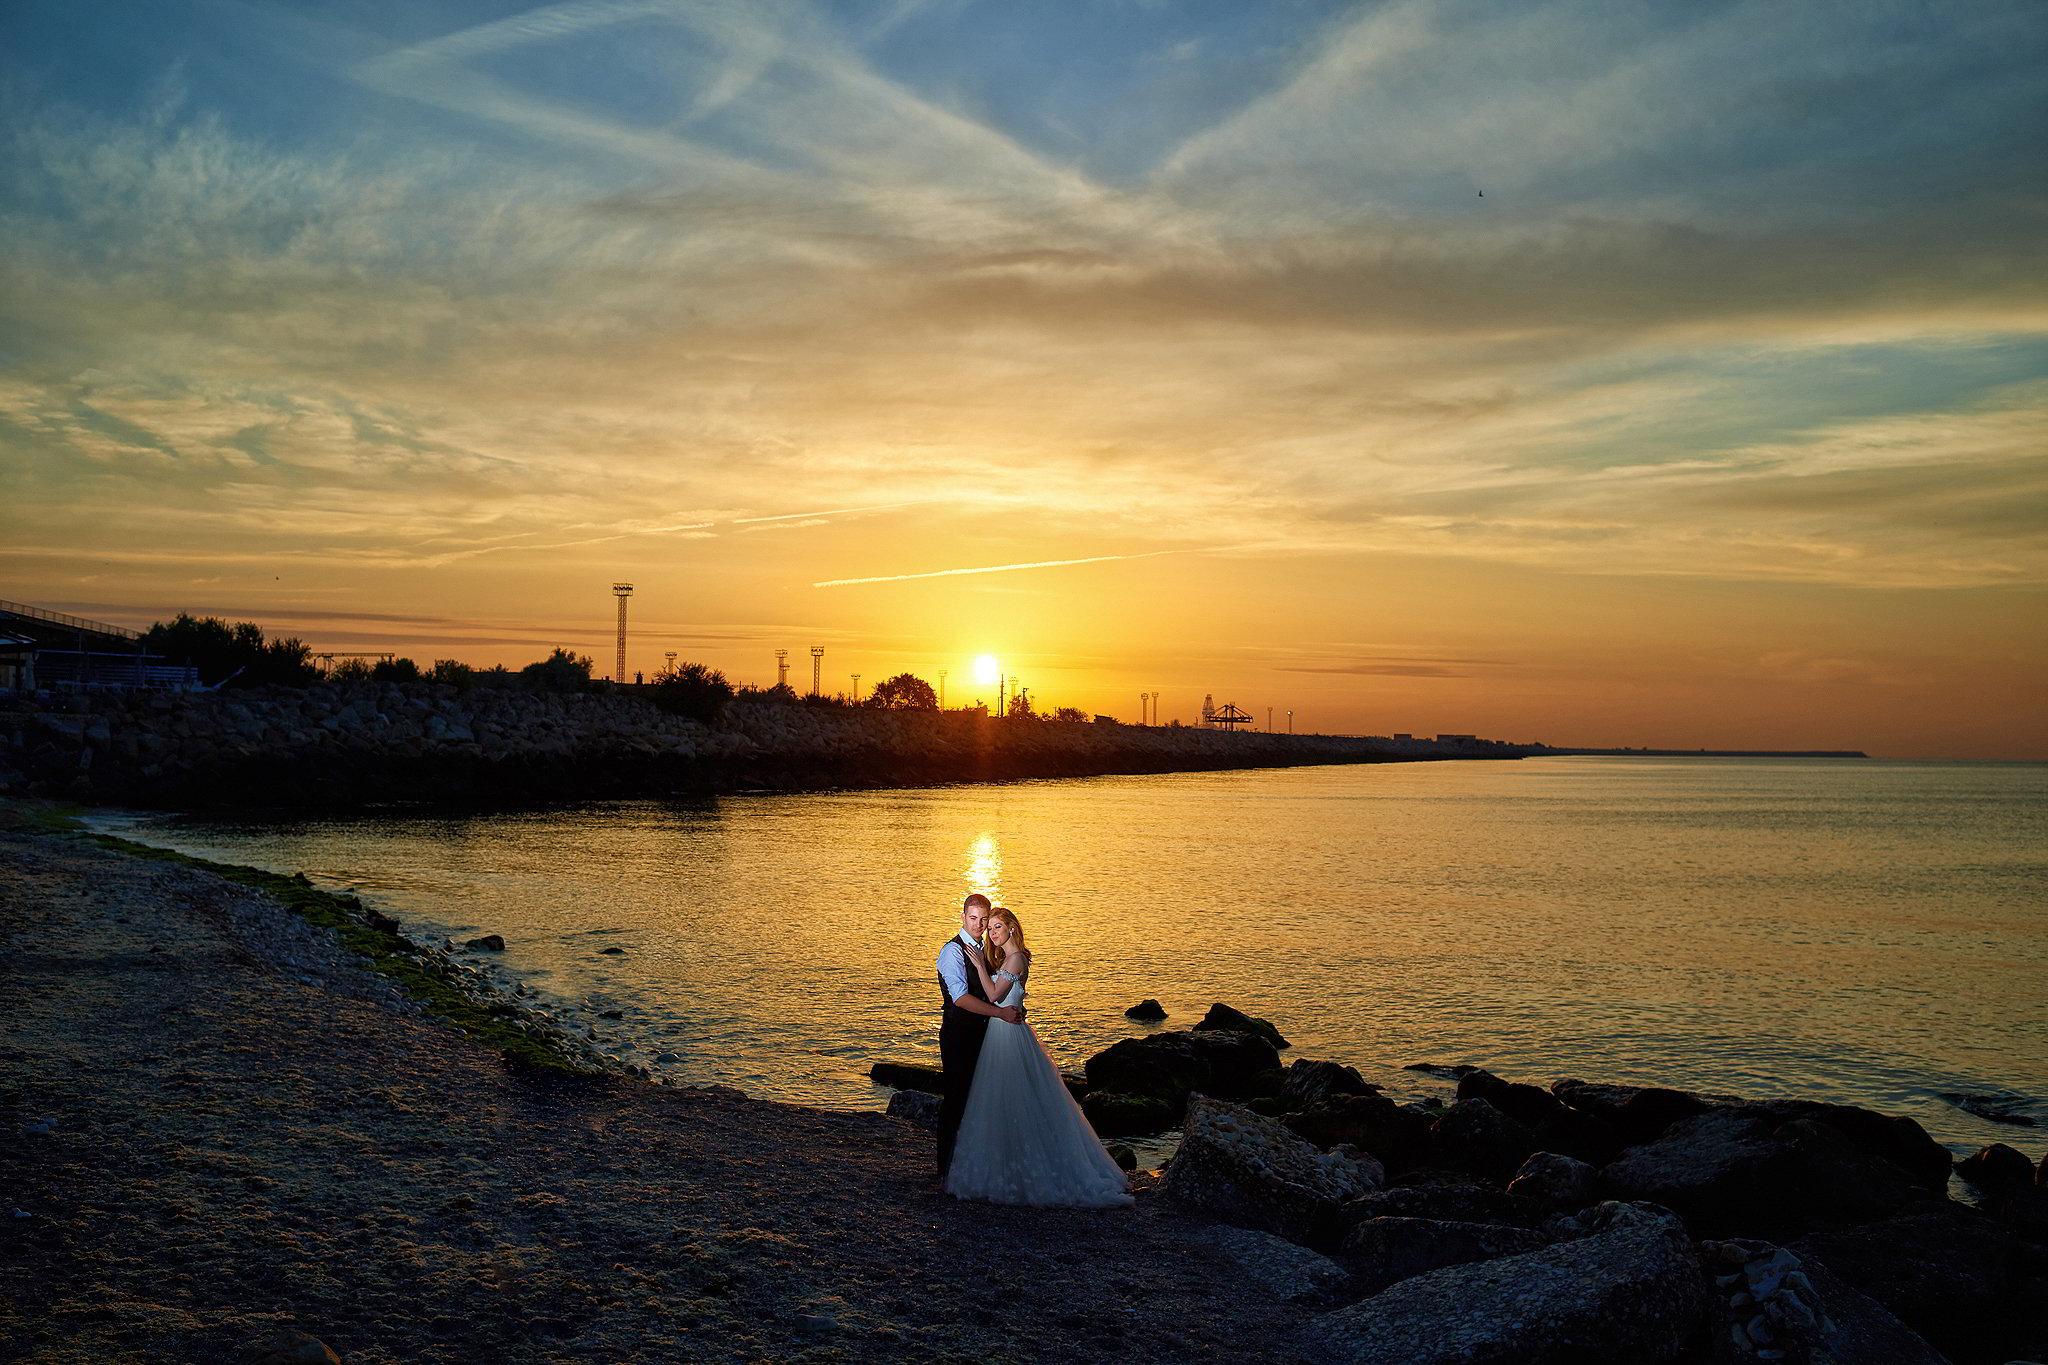 fotograf nunta constanta 9